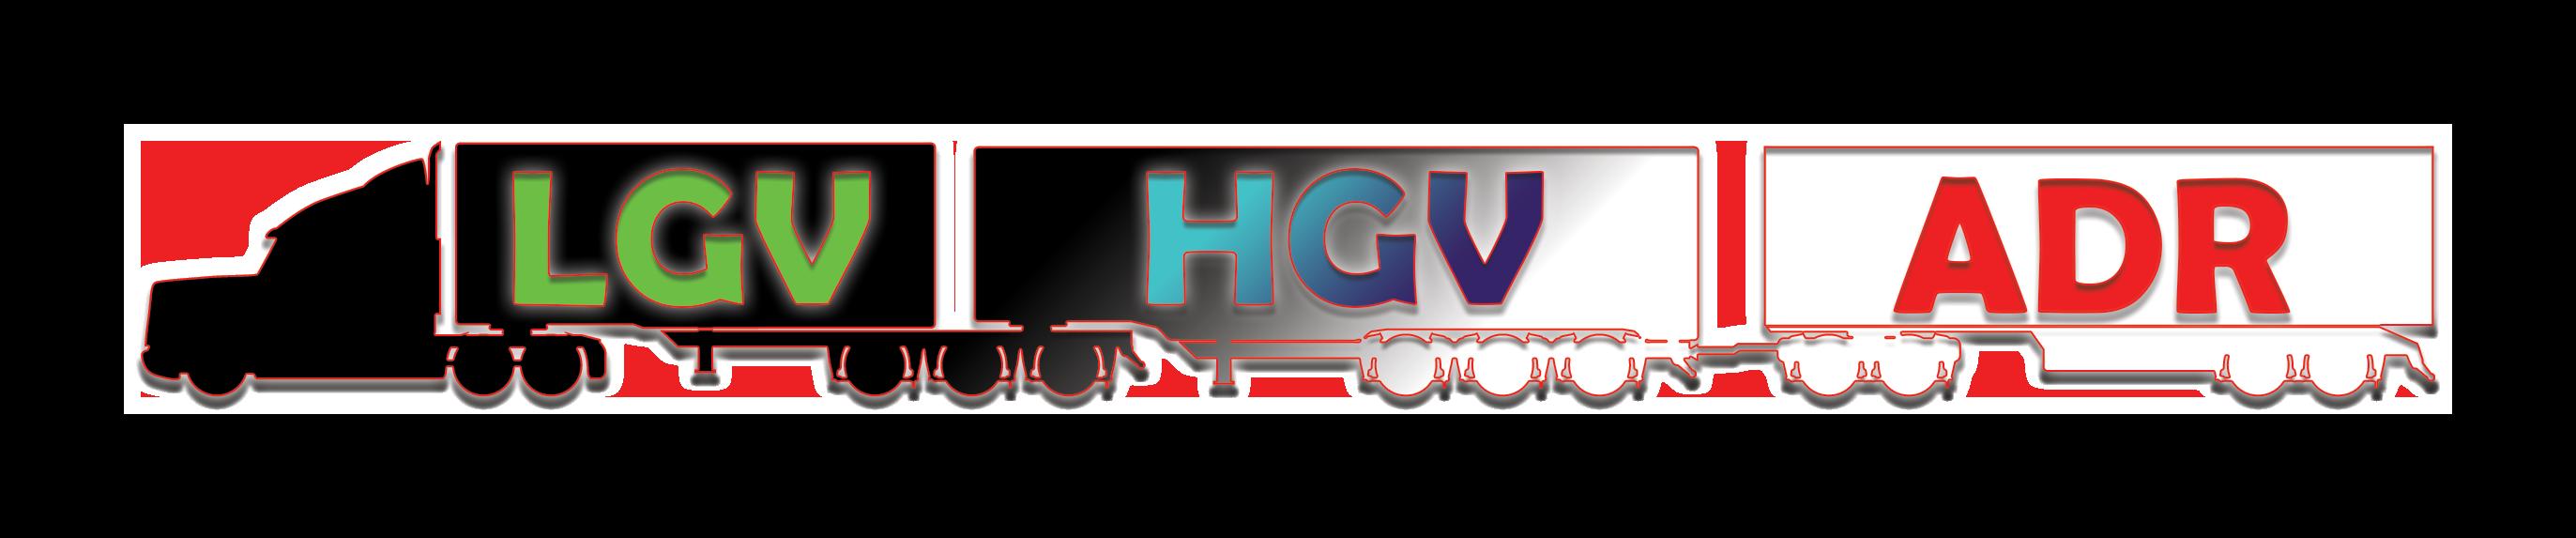 Kierowcy HGV